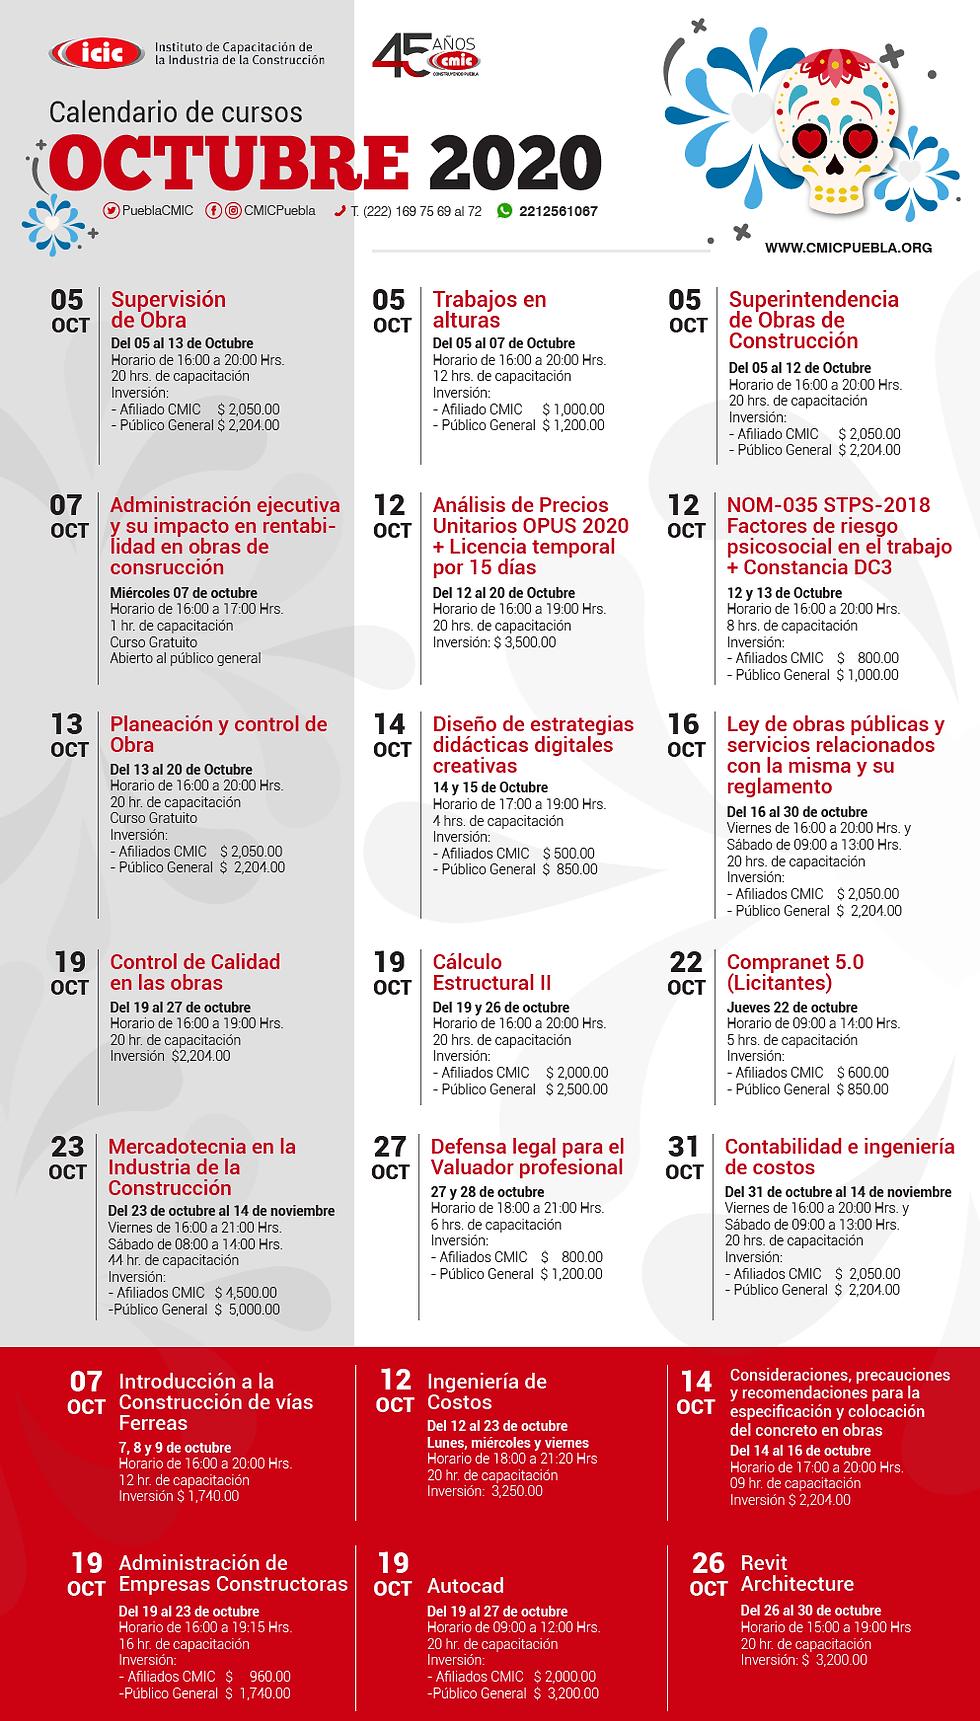 CALENDARIO-OCT-CMICPUE-WEB-02-01.png